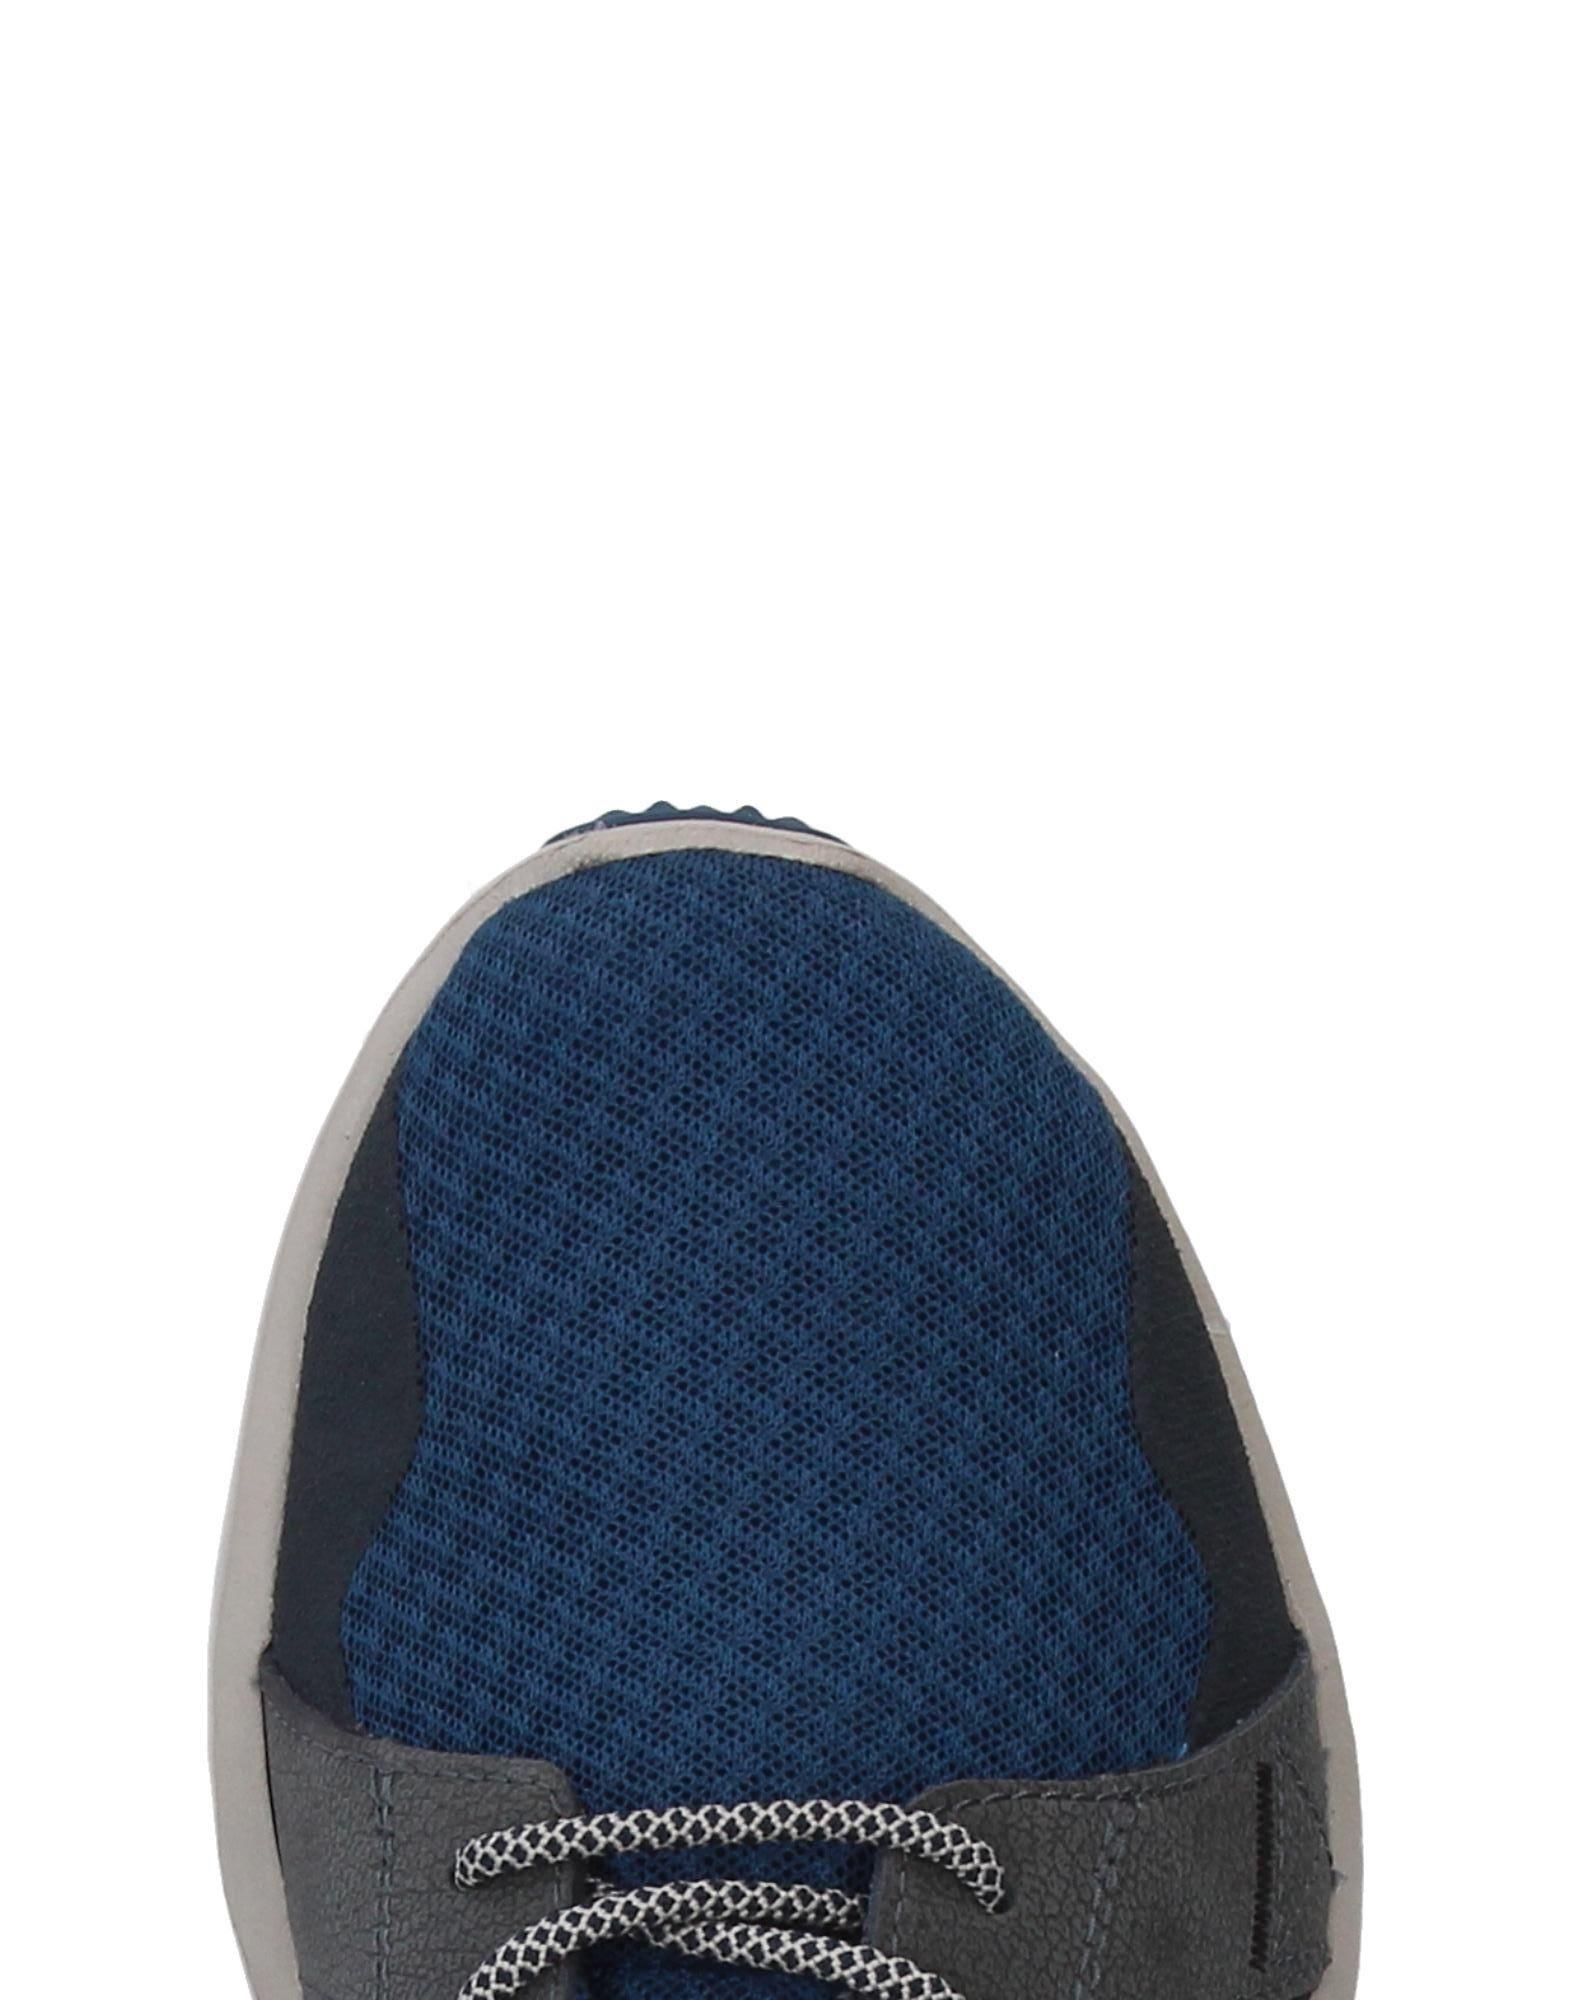 Merrell Sneakers Herren  11376851DT Heiße Heiße Heiße Schuhe 05489f